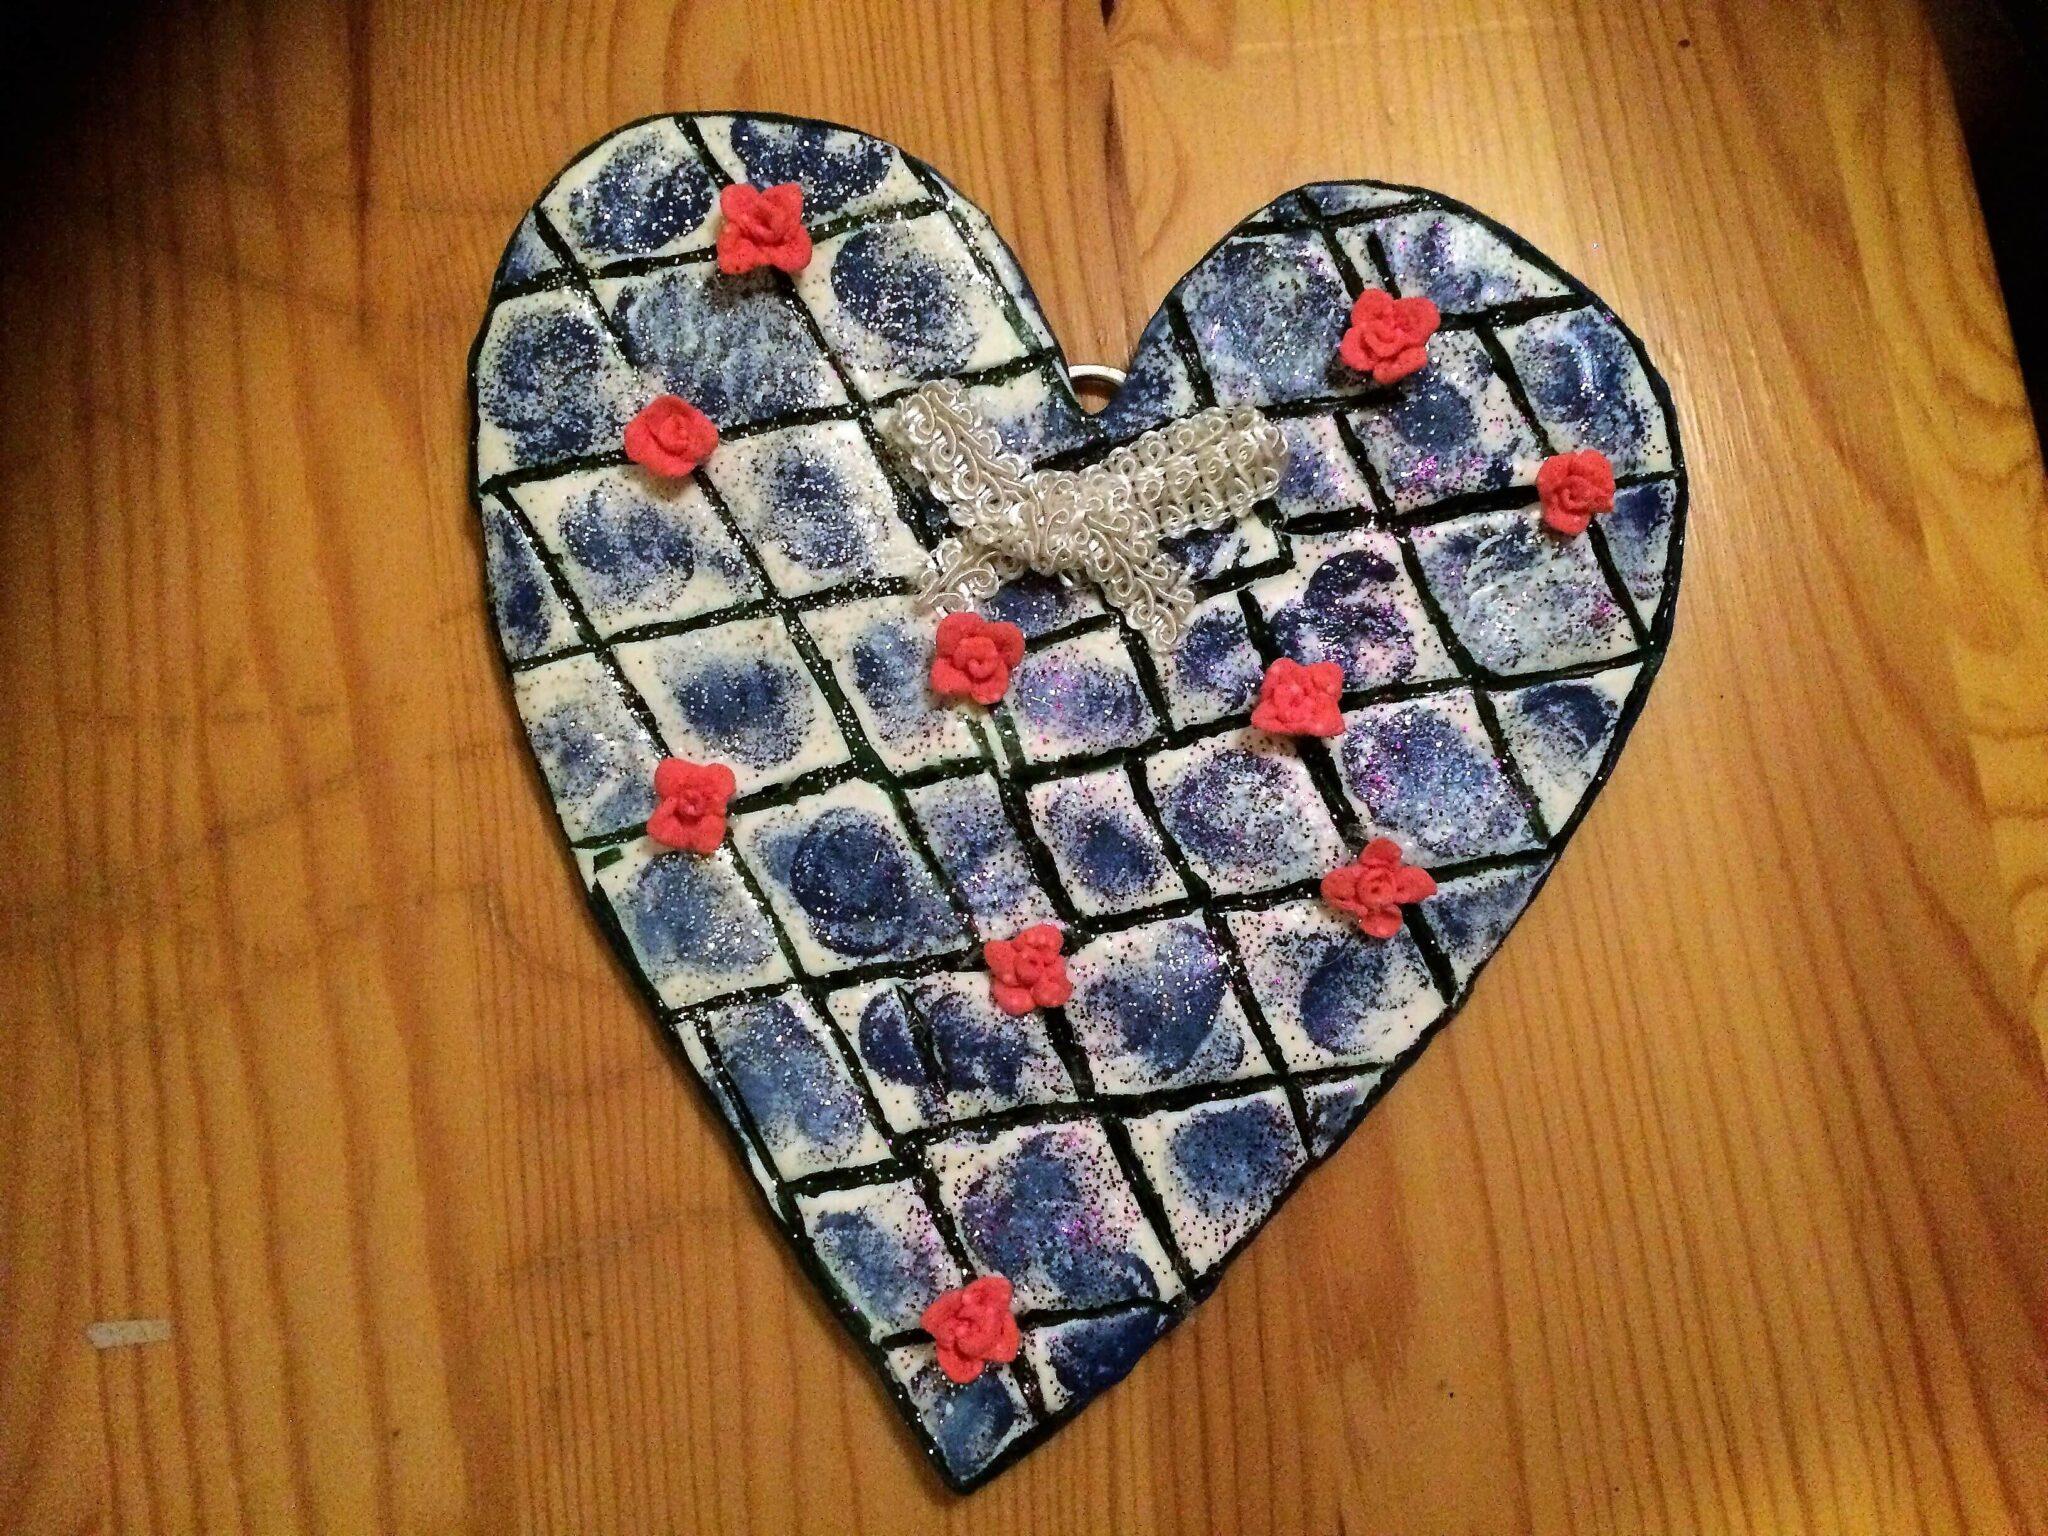 Måla-stora-mönster-hjärtan